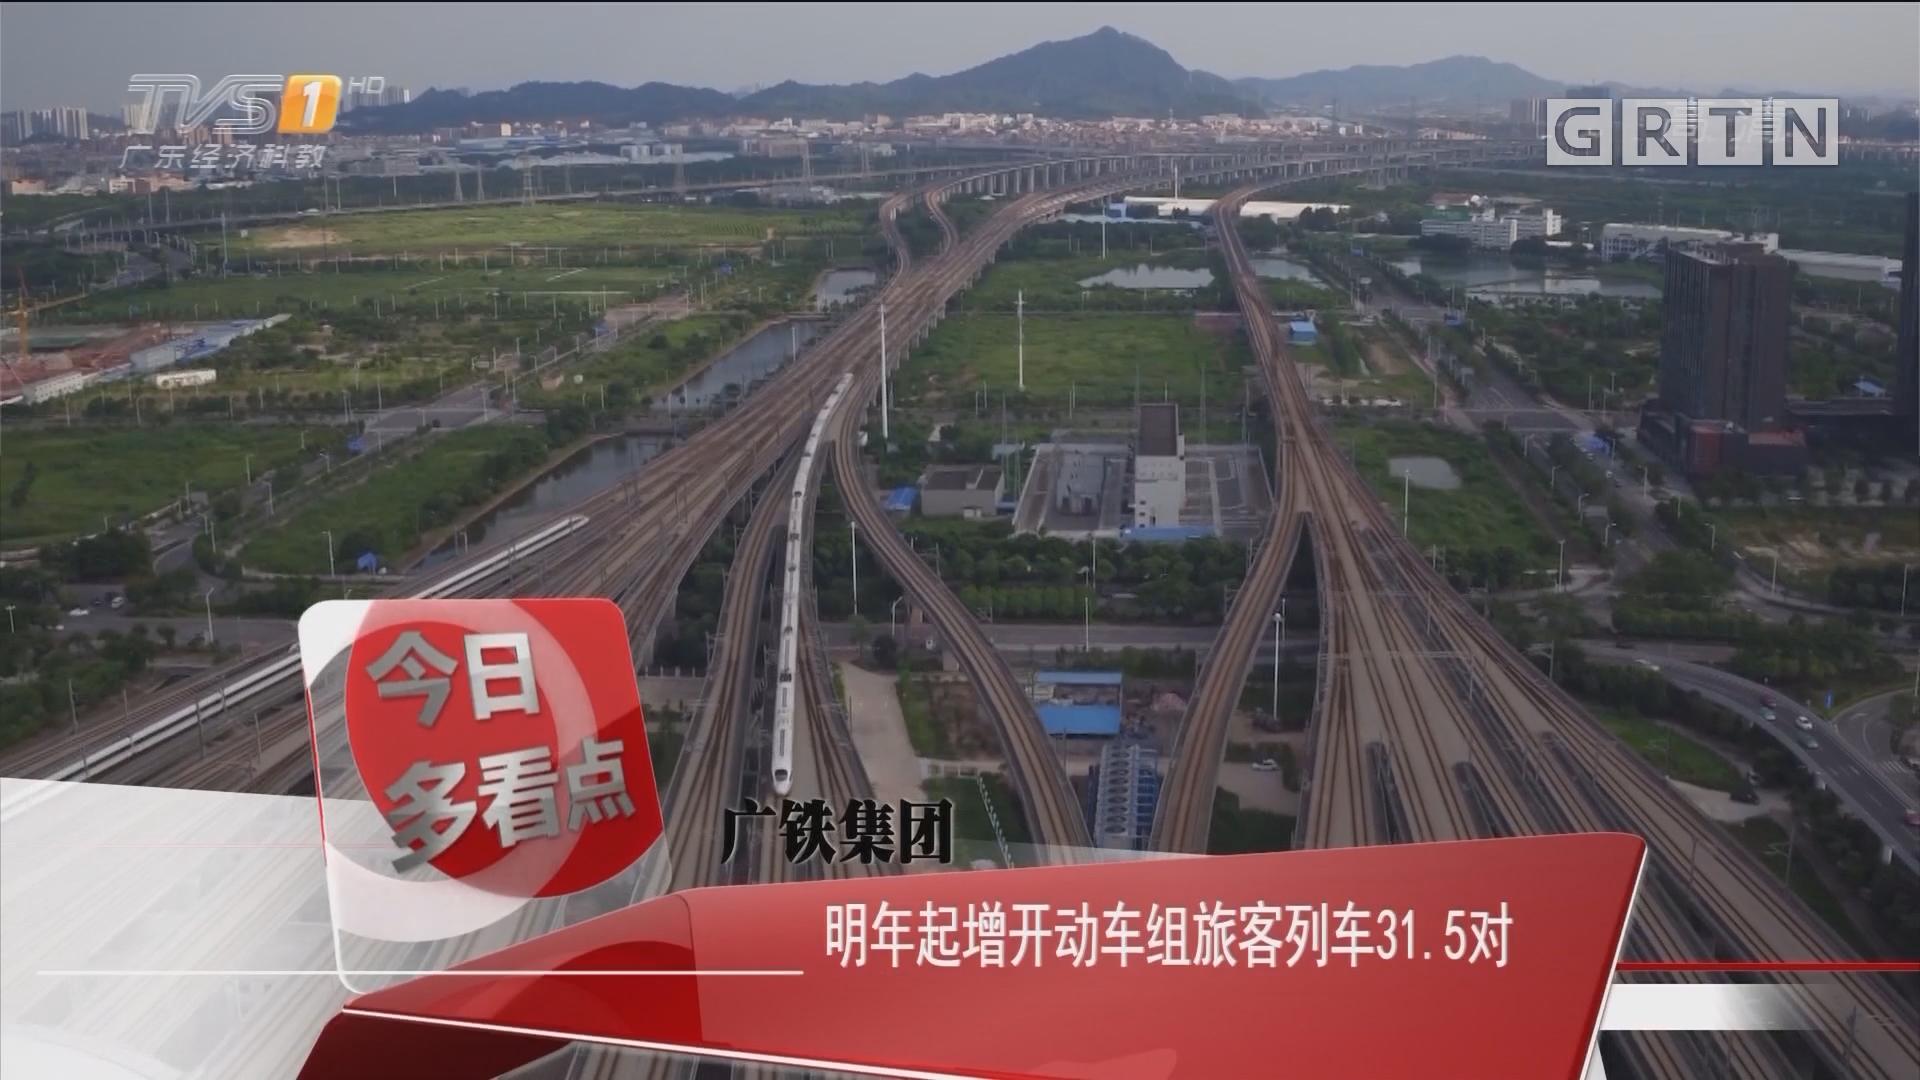 广铁集团:明年起增开动车组旅客列车31.5对